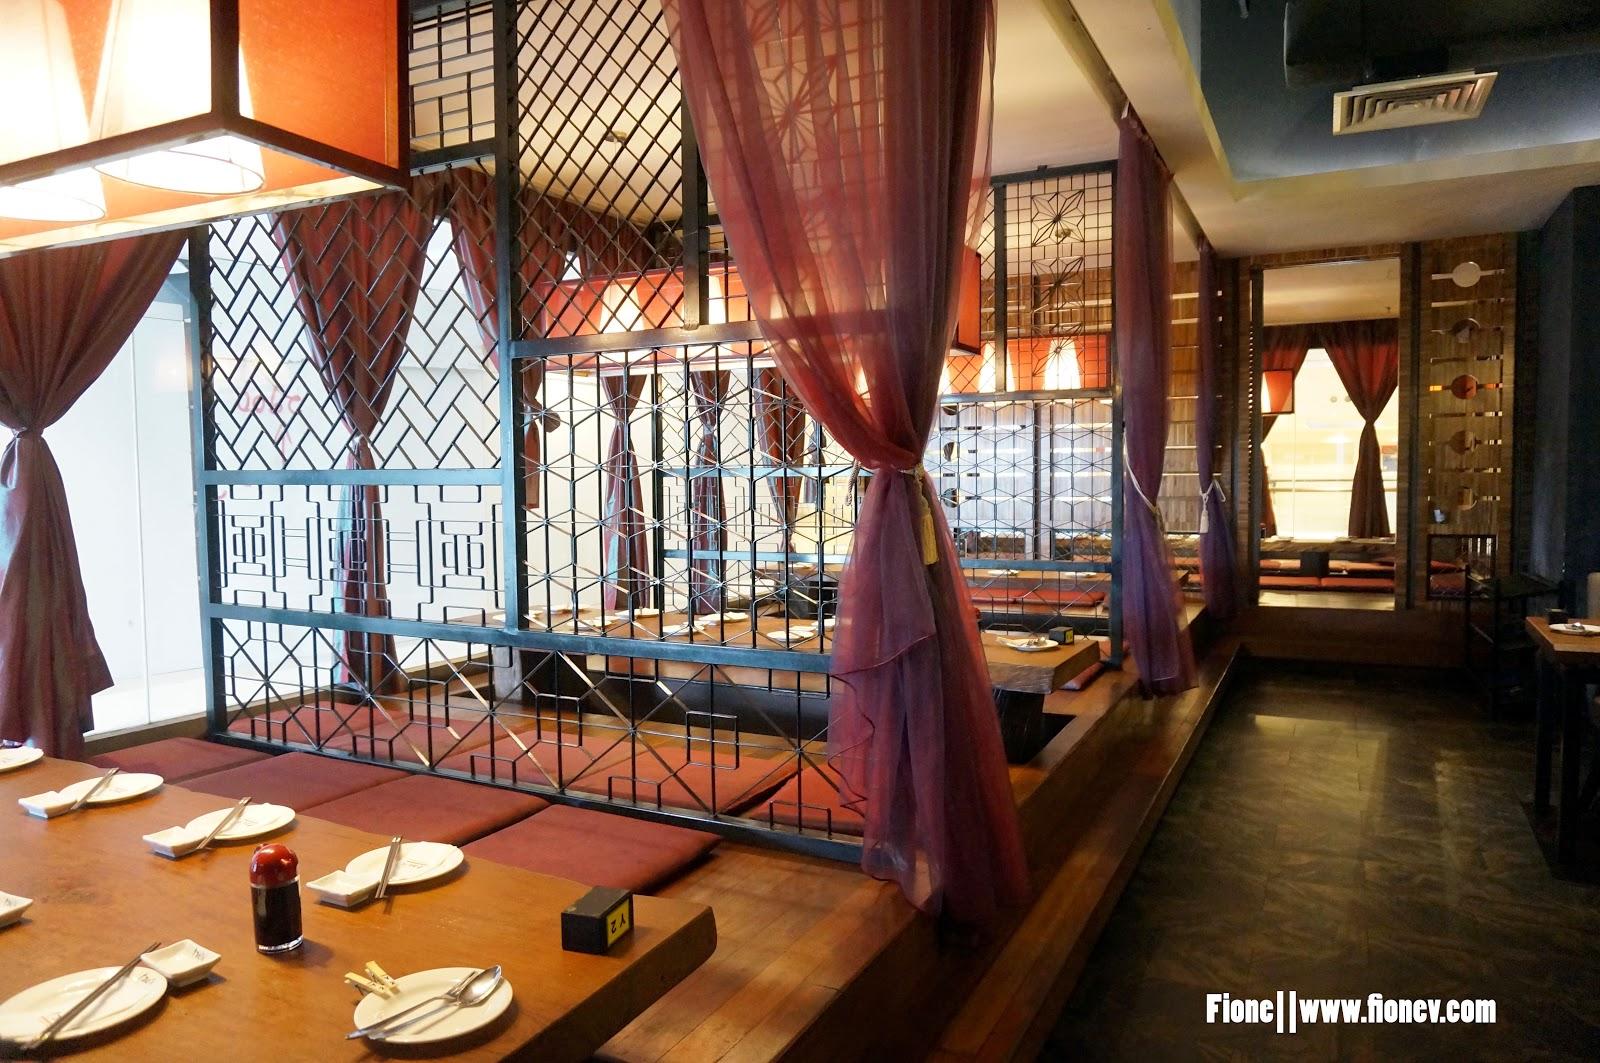 tao authentic asian cuisine jpg 1200x900